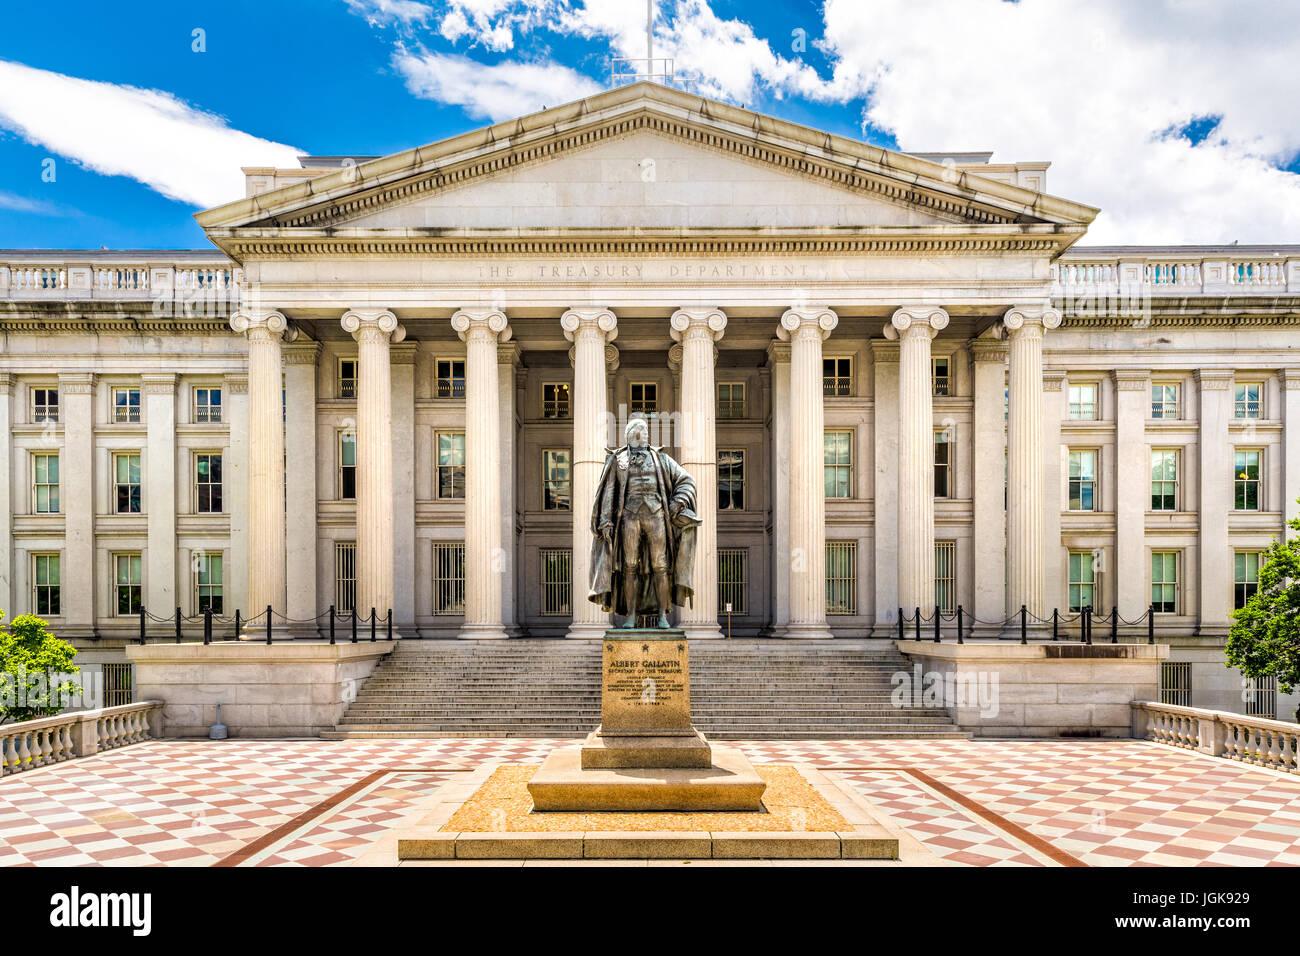 El edificio del Tesoro en Washington D.C. Este edificio público es un Monumento Histórico Nacional y la Imagen De Stock